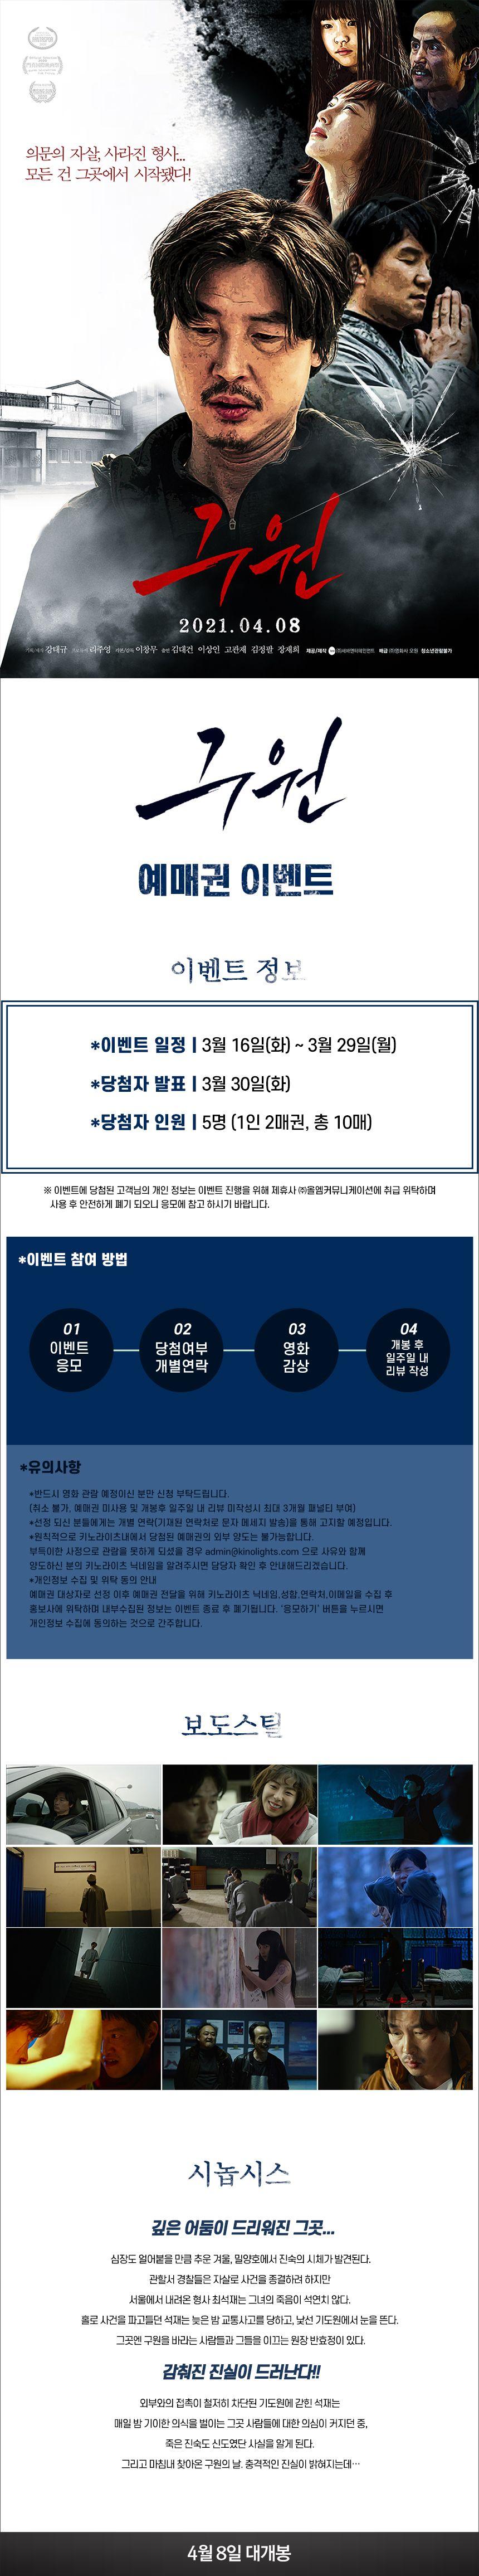 <구원> 예매권 안내